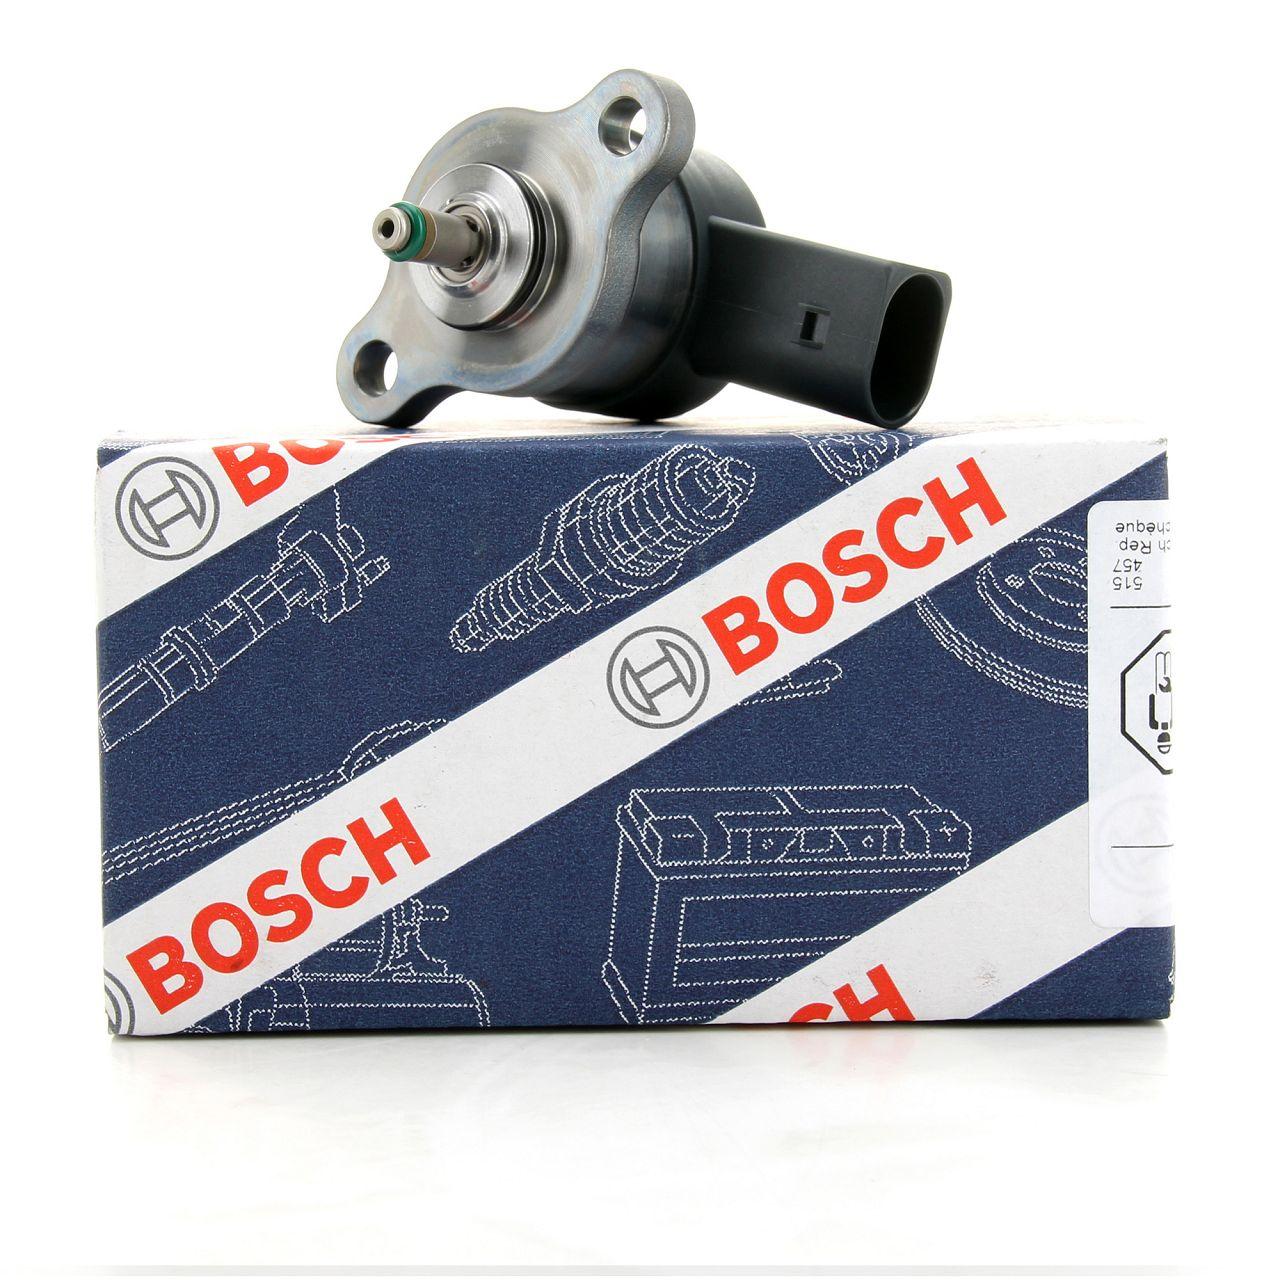 BOSCH Sensor Kraftstoffdruck Druckregelventil Common Rail für Mercedes CDI-Motor